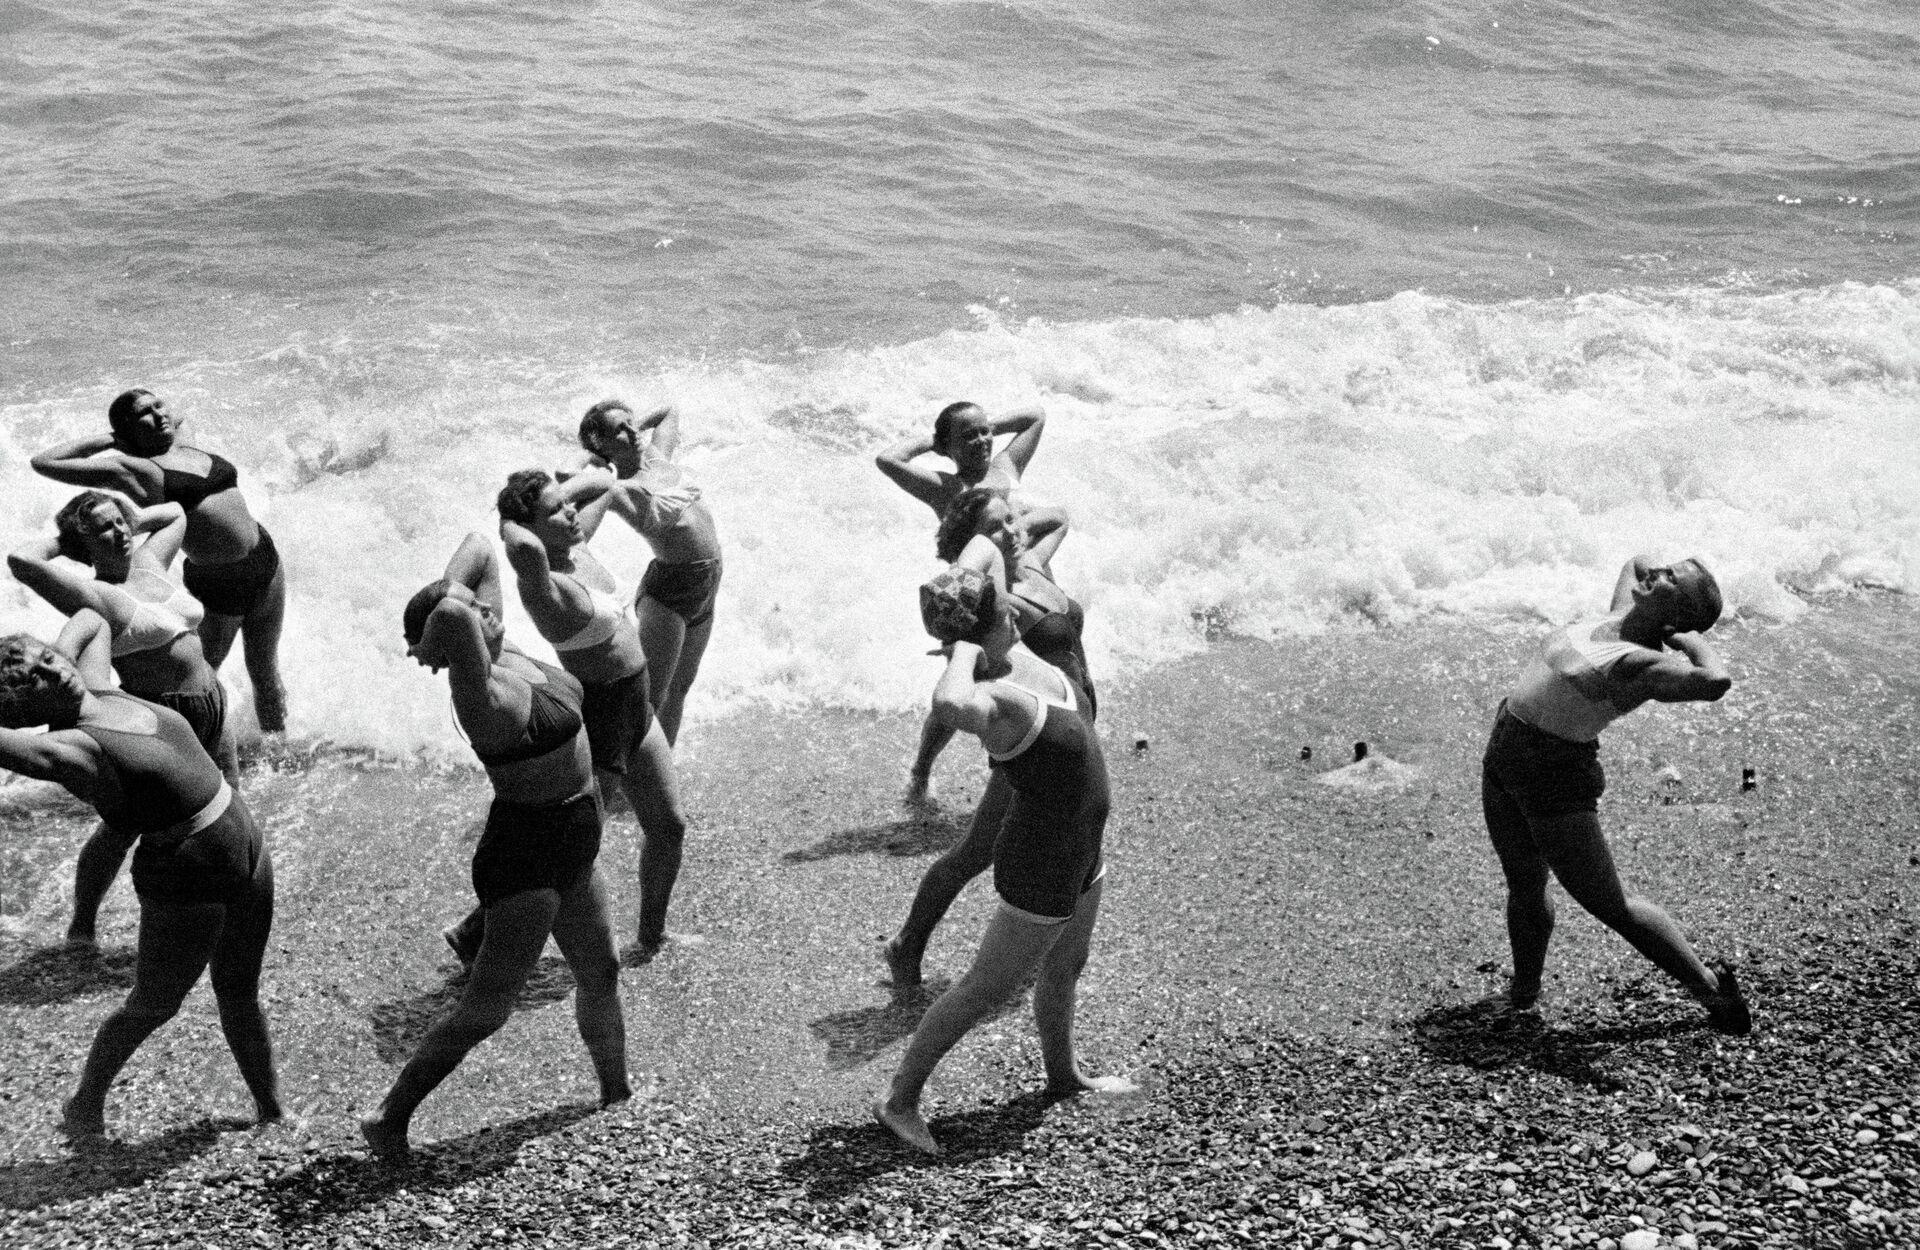 Утренняя зарядка на Черноморском побережье Крыма, 1954 год - РИА Новости, 1920, 10.09.2021